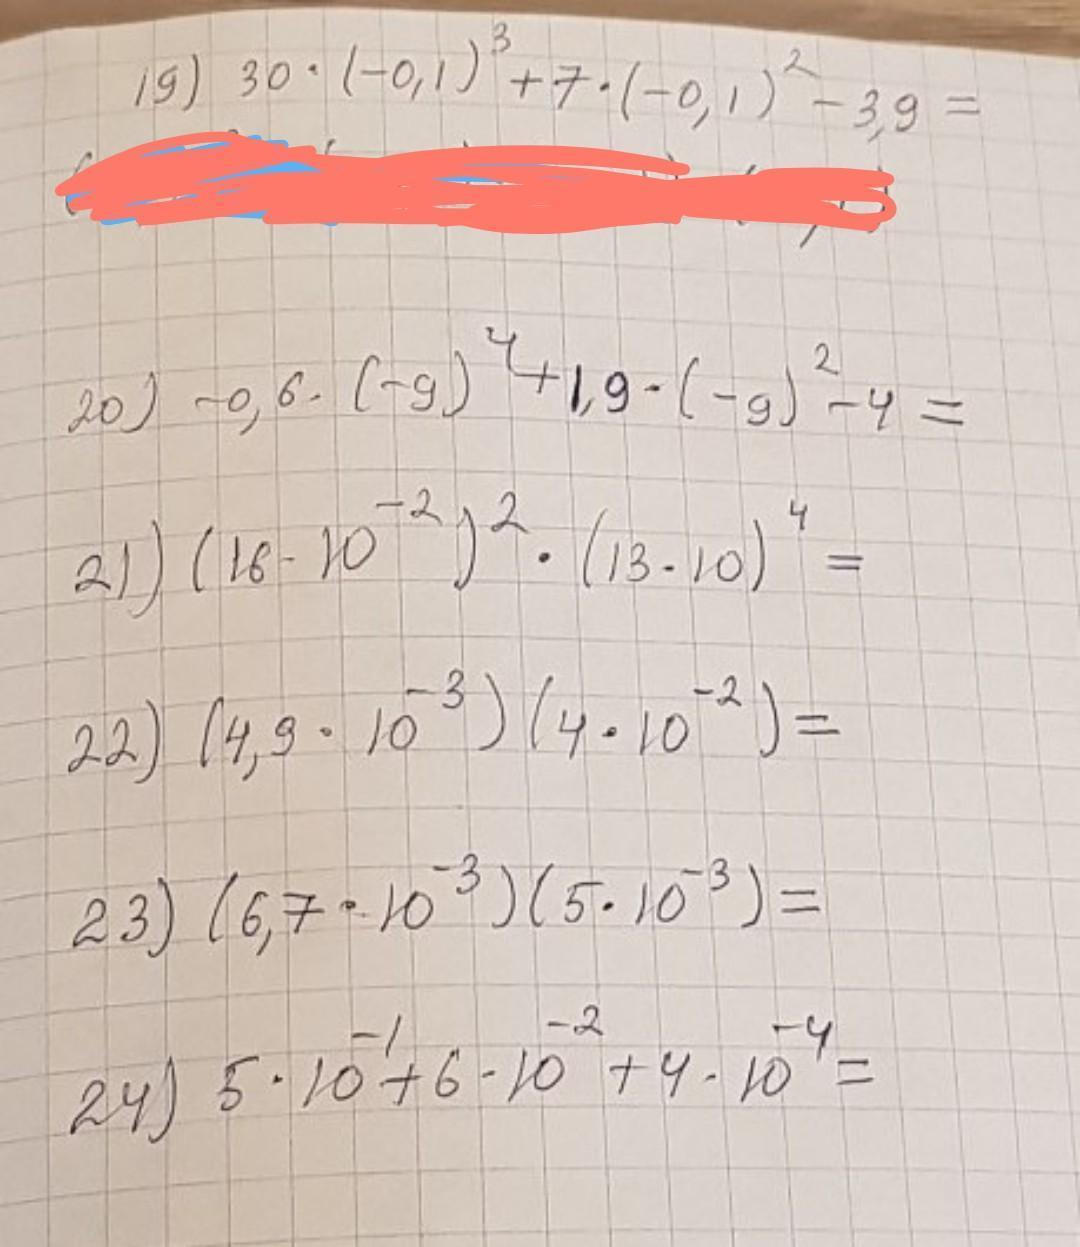 Помогите пожалуйста решить примеры пошагово. Даю